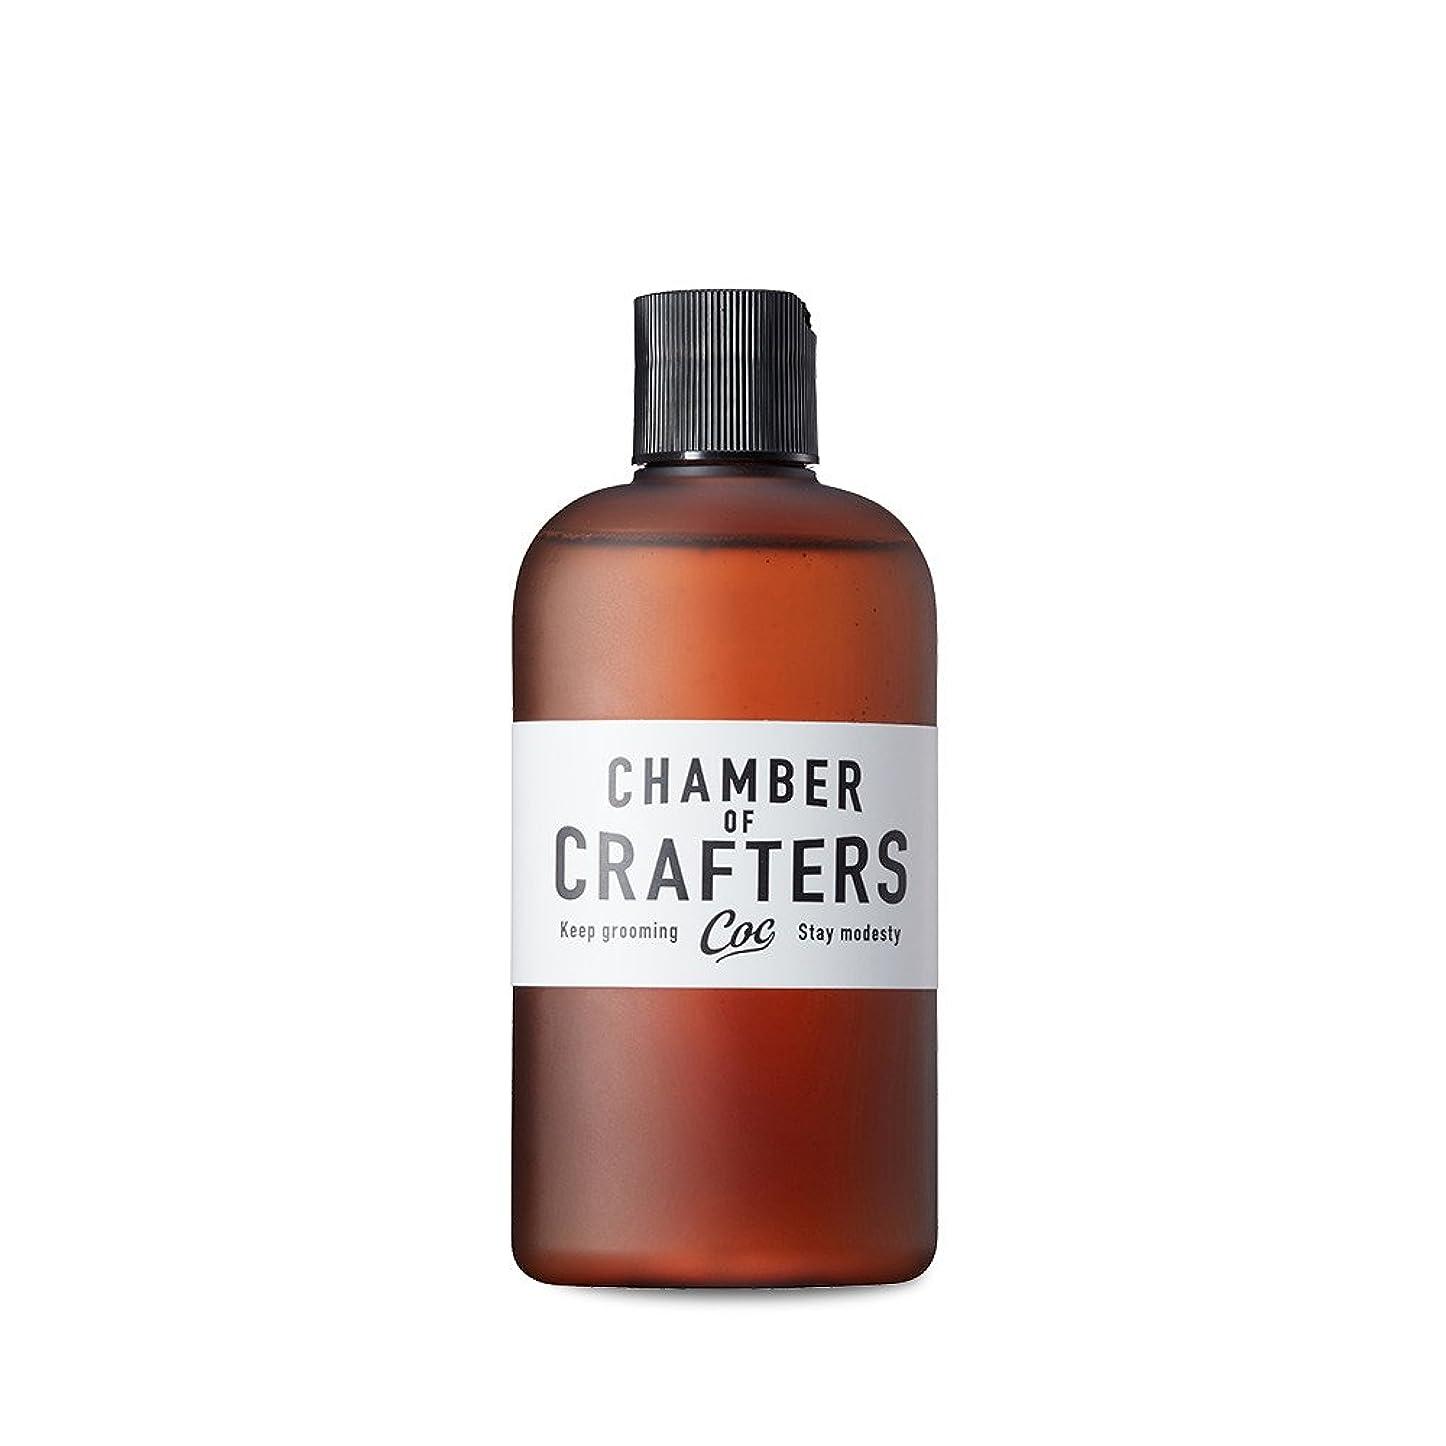 ゲームギネスフレームワークCHAMBER OF CRAFTERS チェンバーオブクラフターズ スキンローション 化粧水 180mL